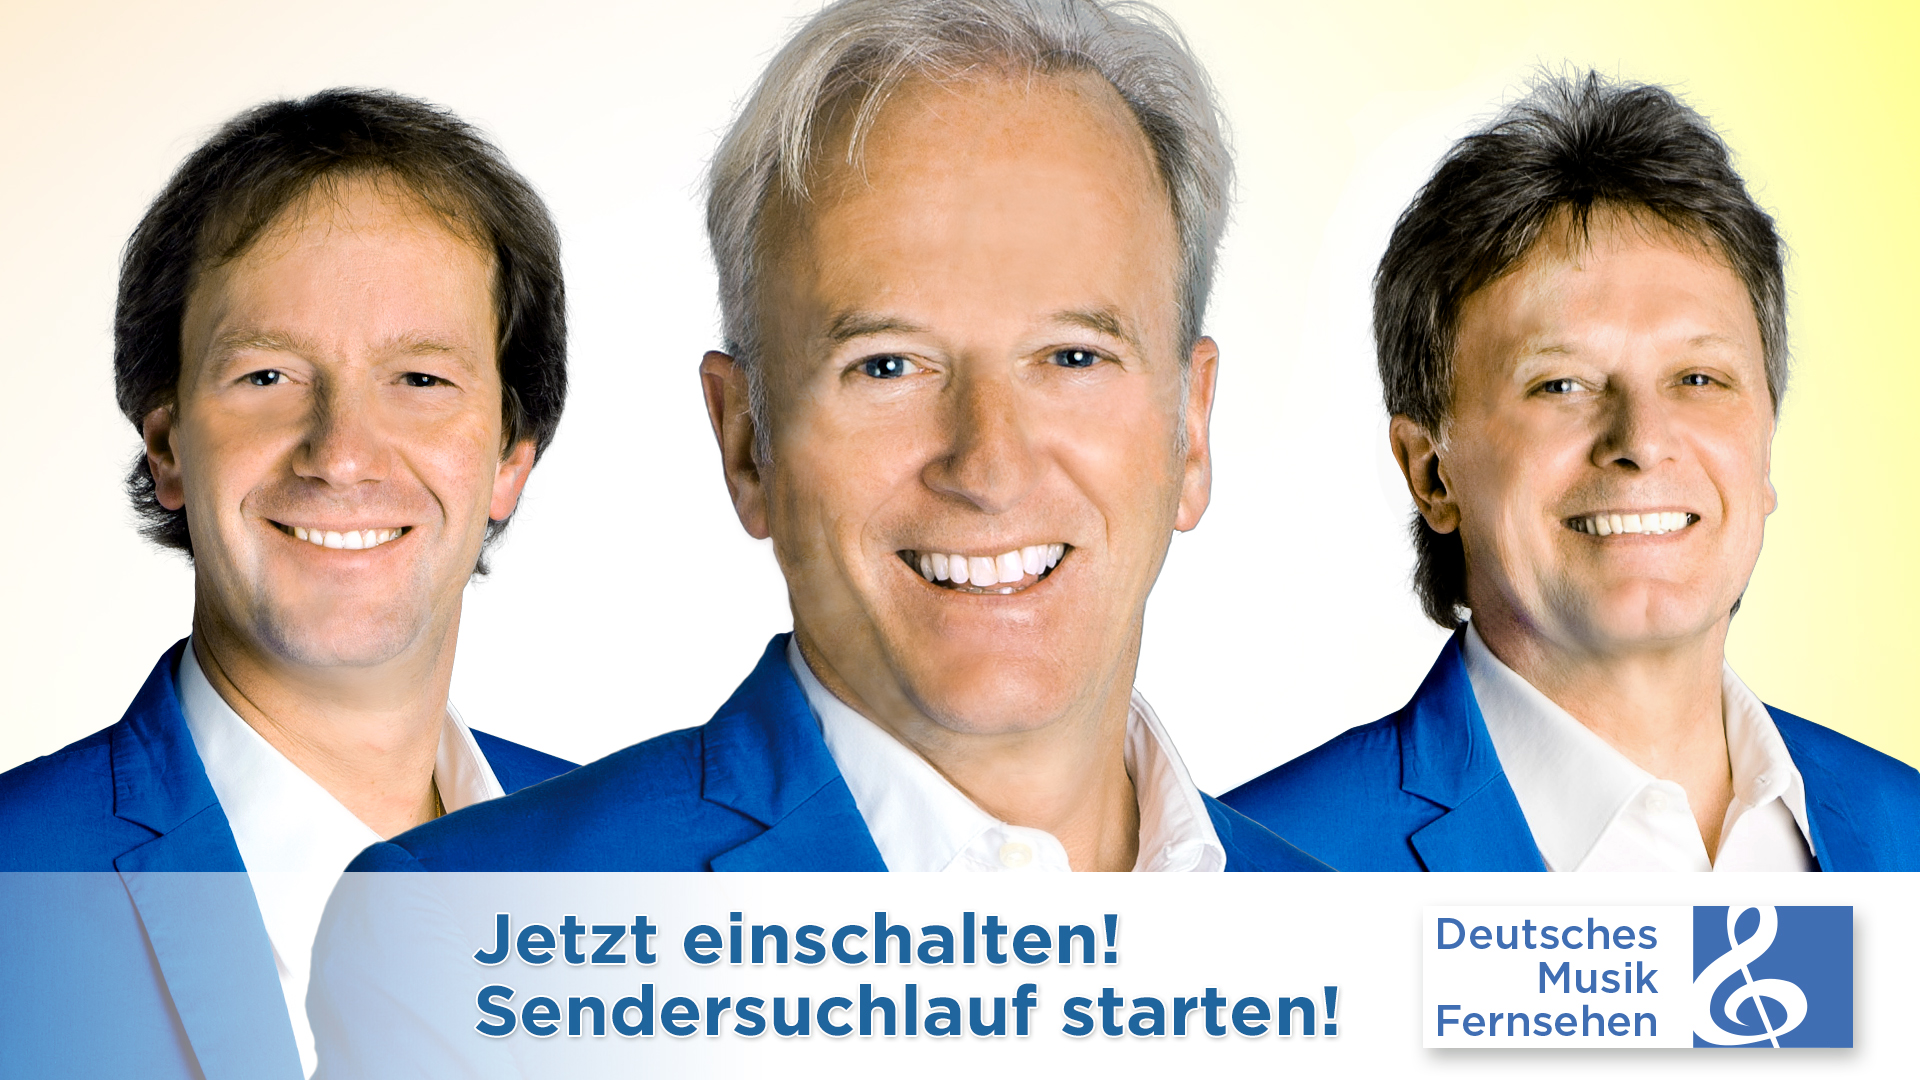 Deutsches Musikfernsehen